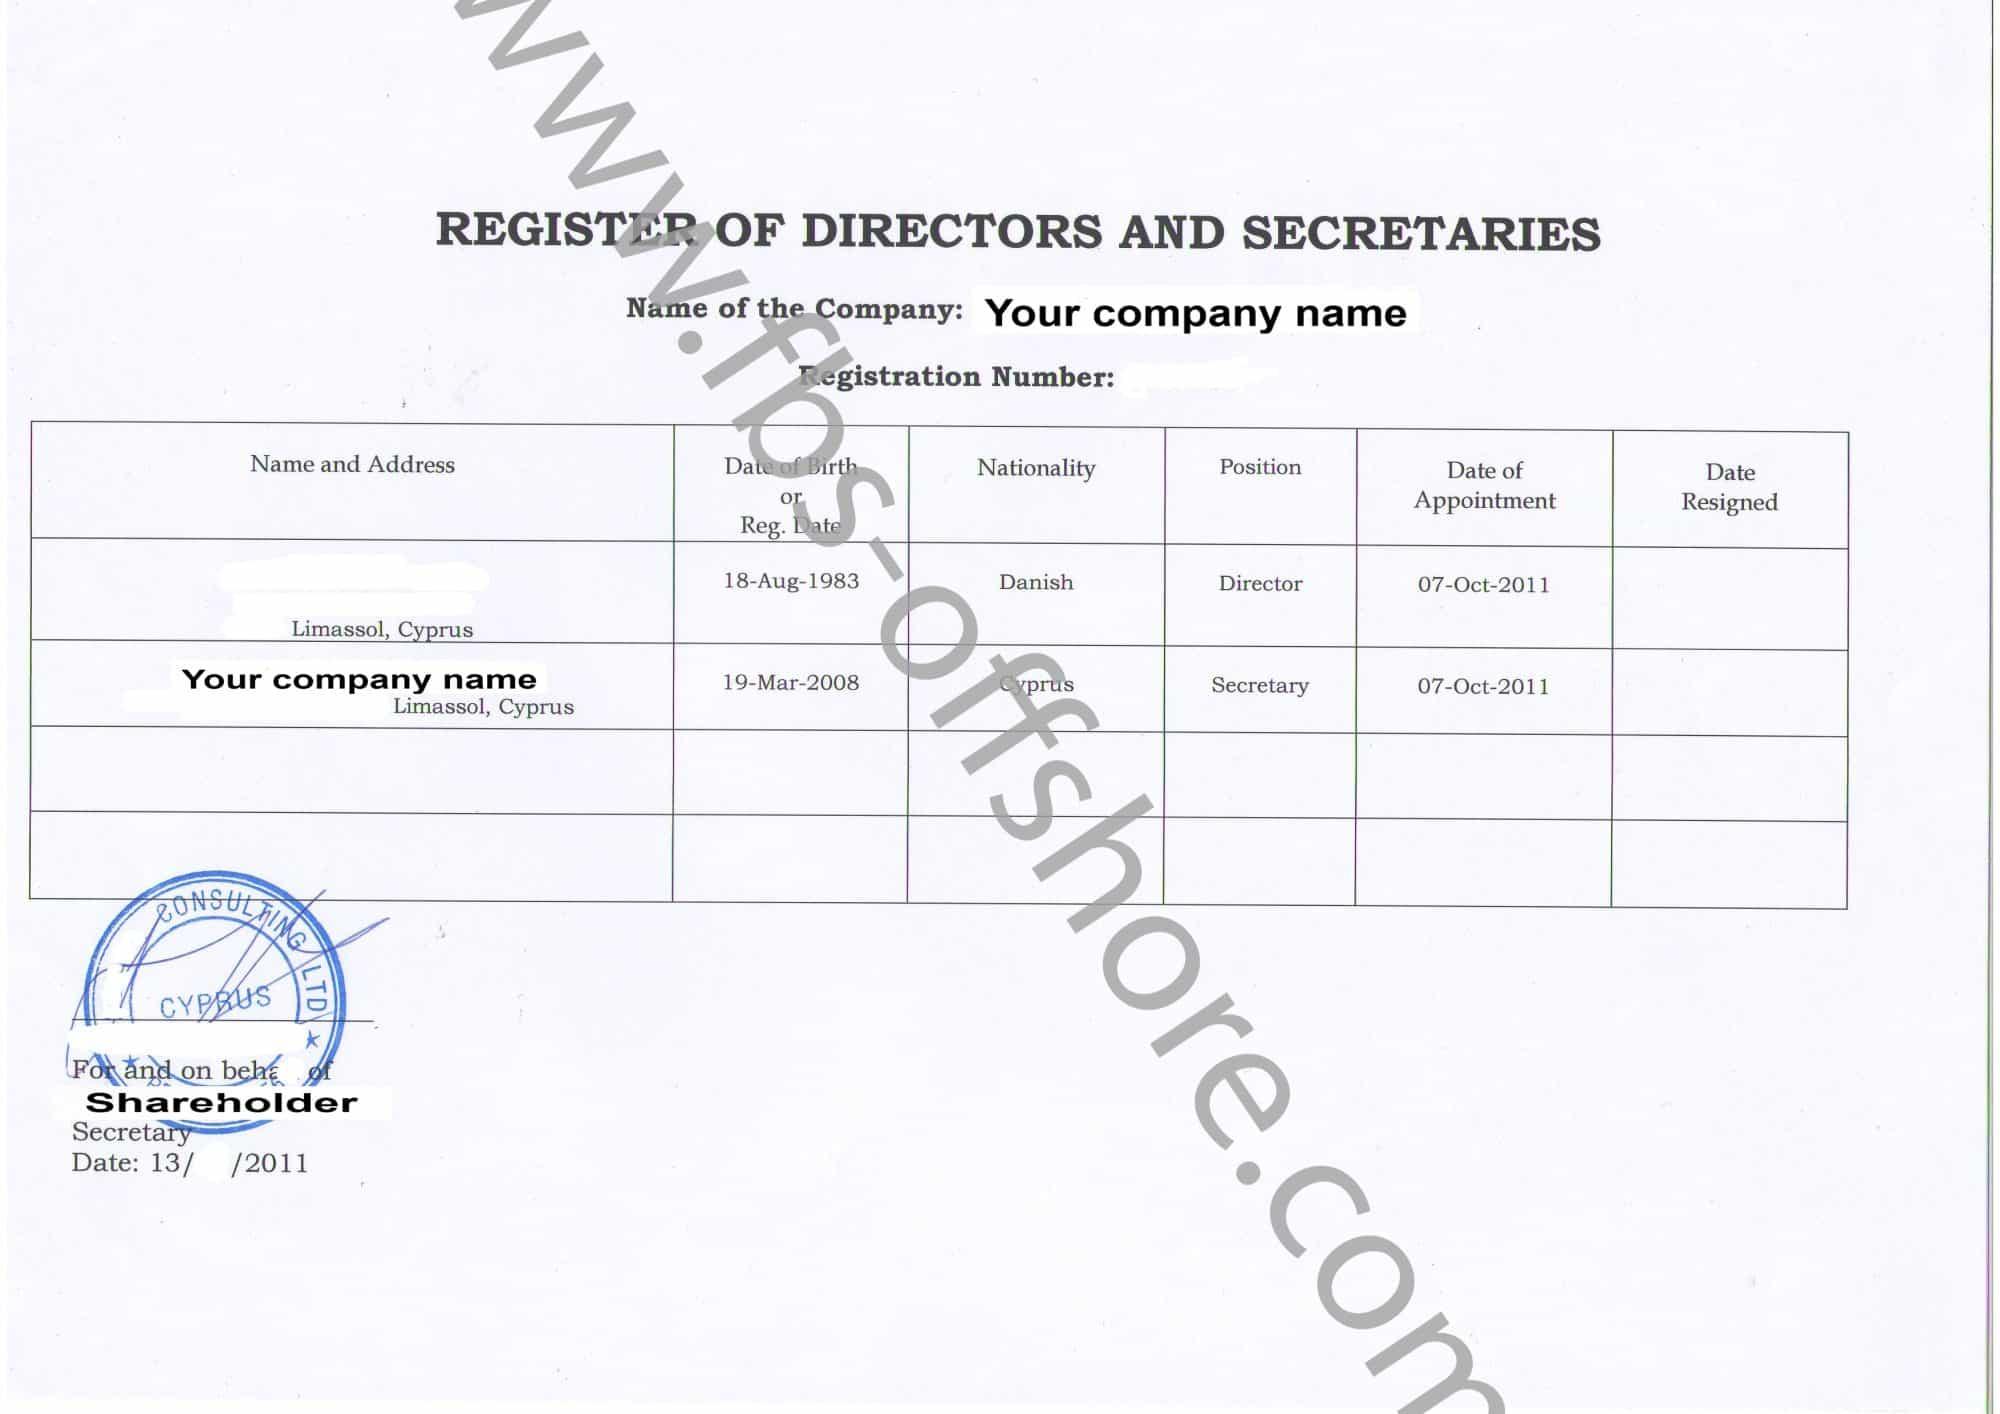 Реестр директоров и секретарей компании